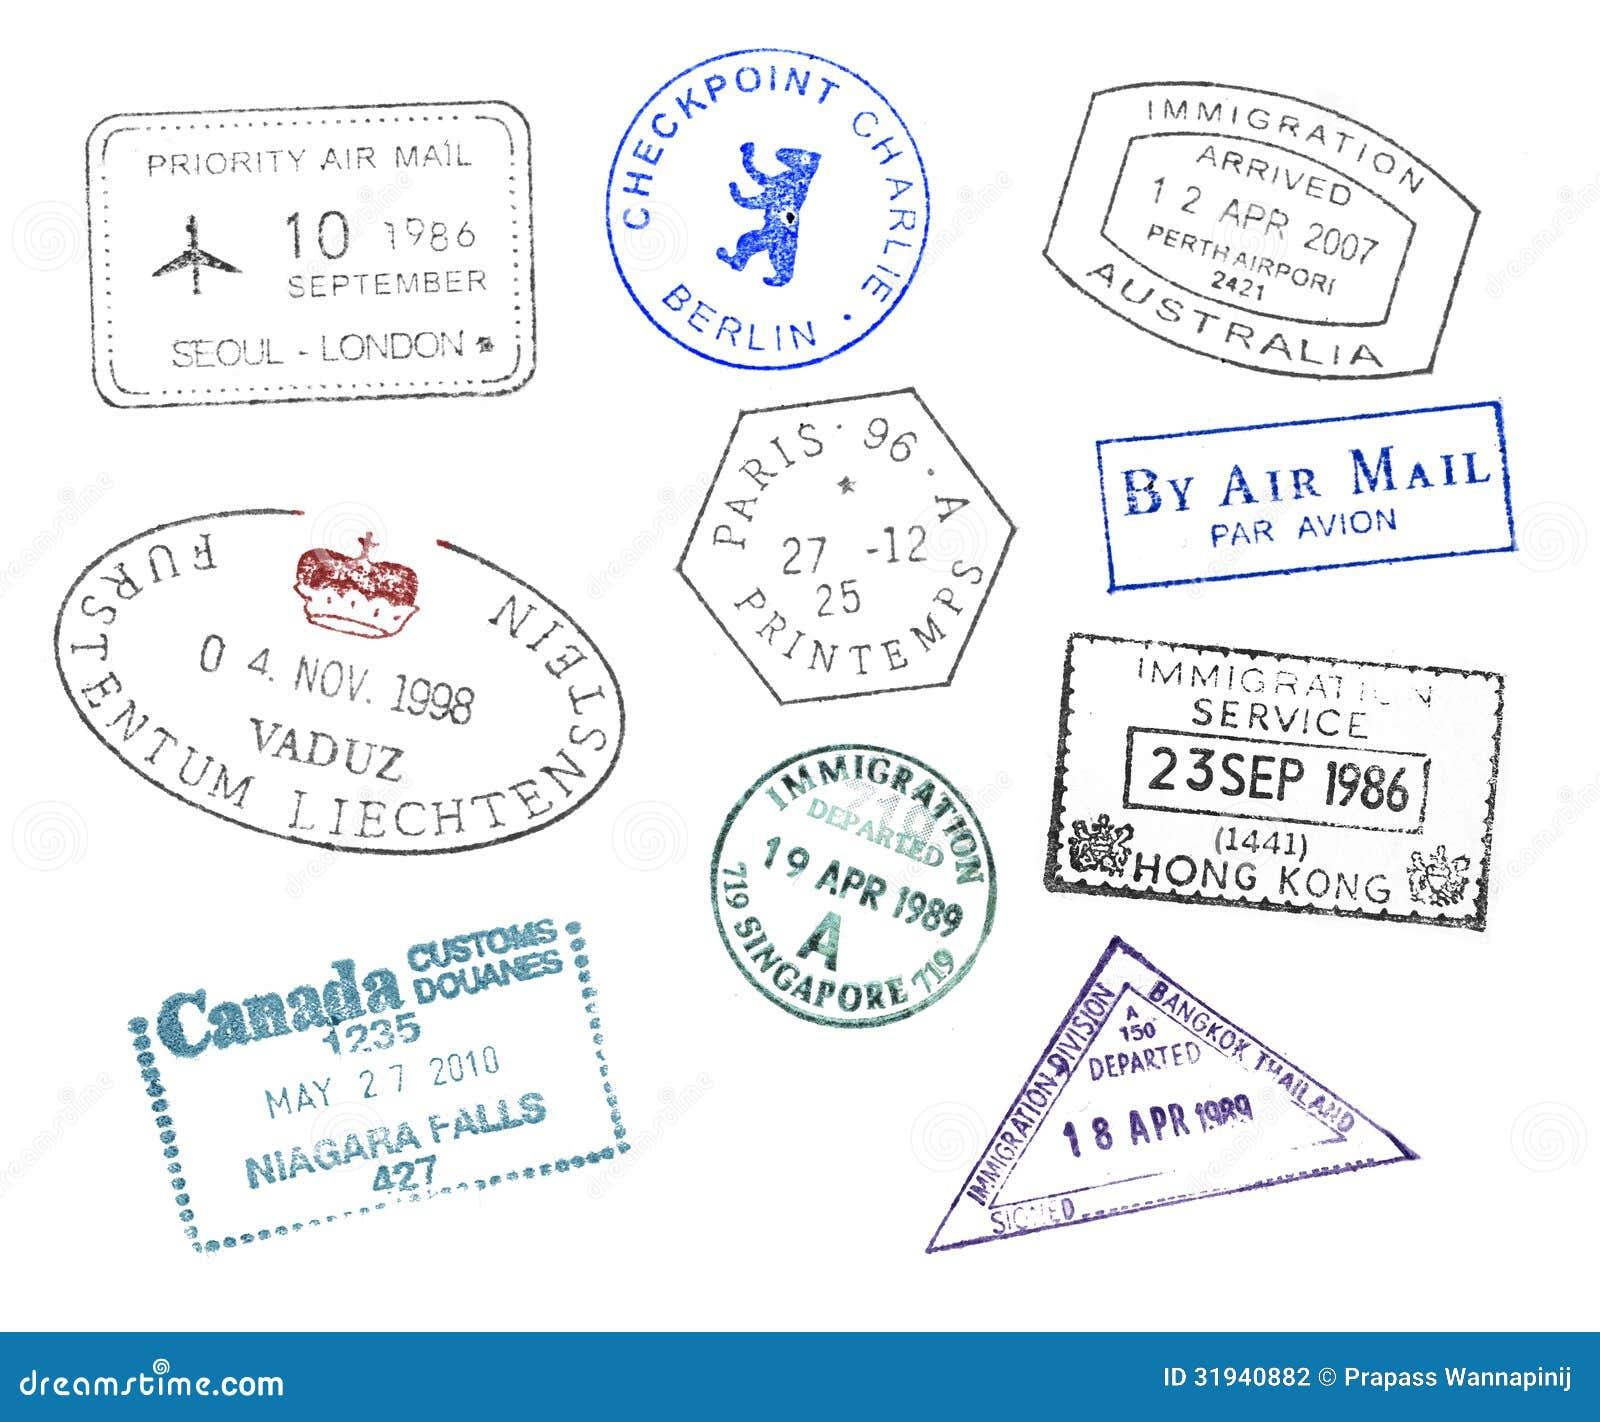 Immigration Consultants in Dubai UAE  Canada Australia